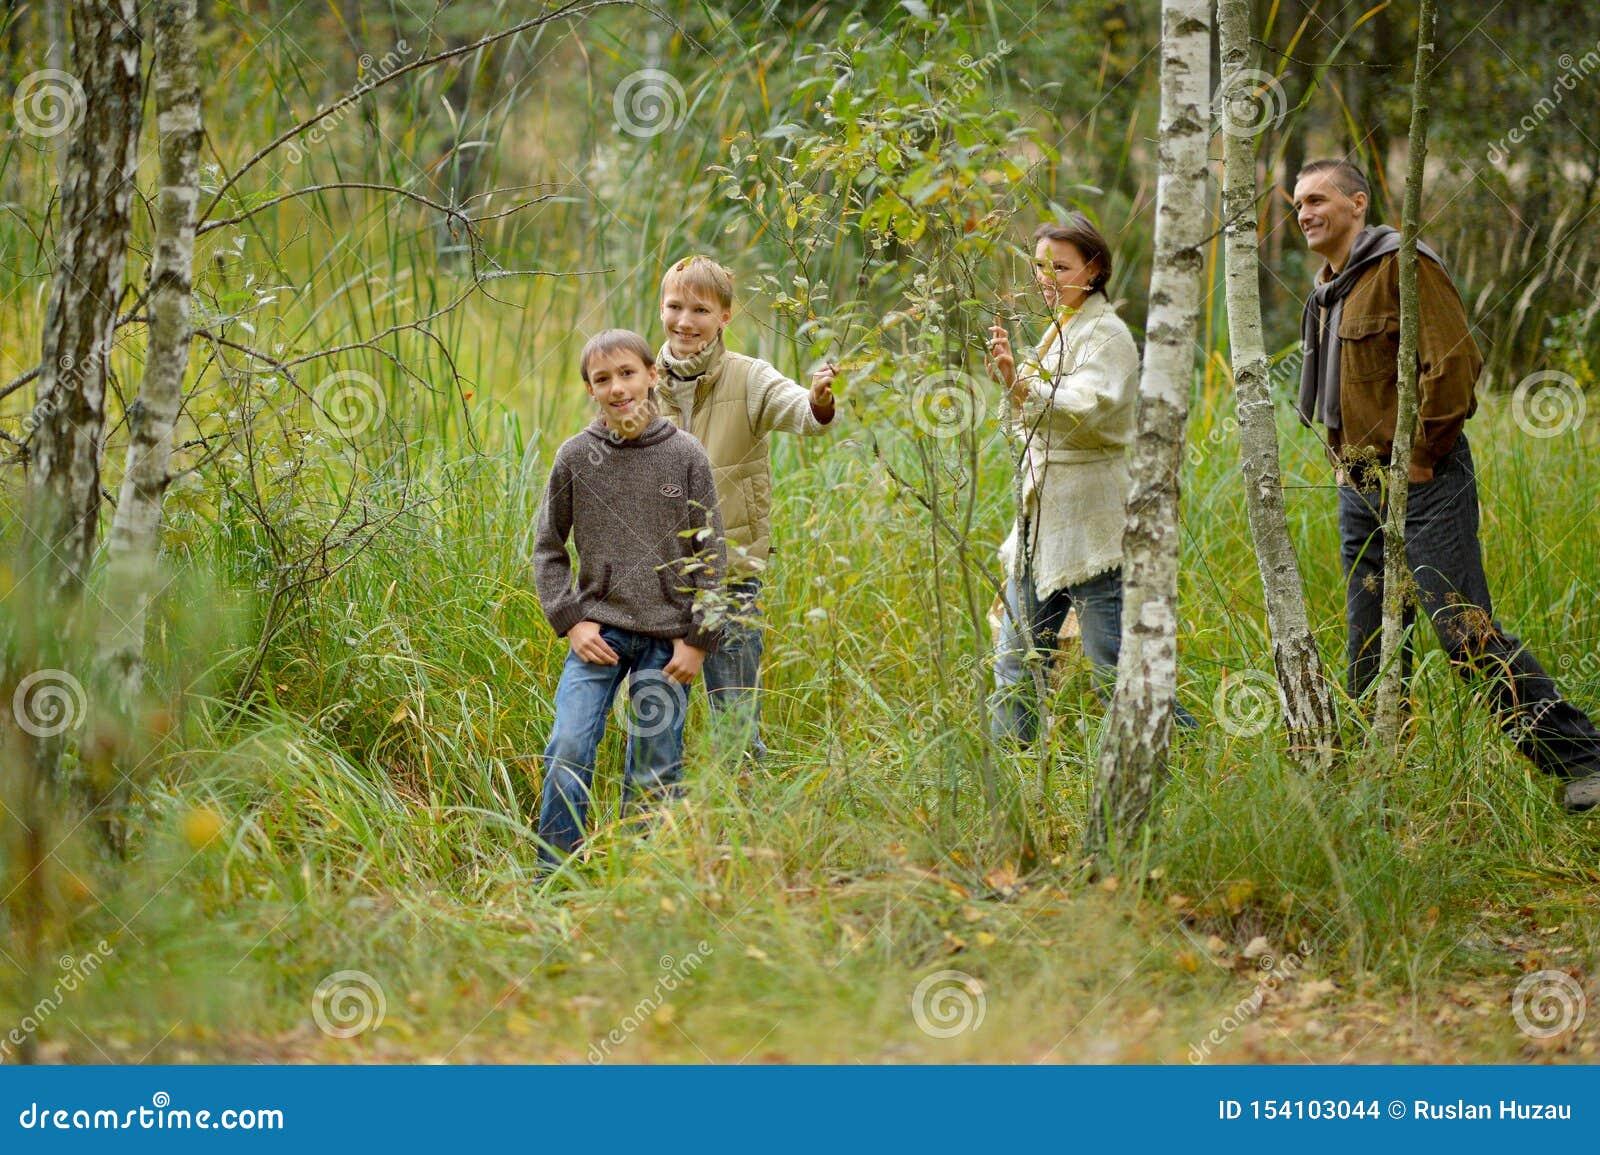 Retrato de la familia de cuatro miembros en parque